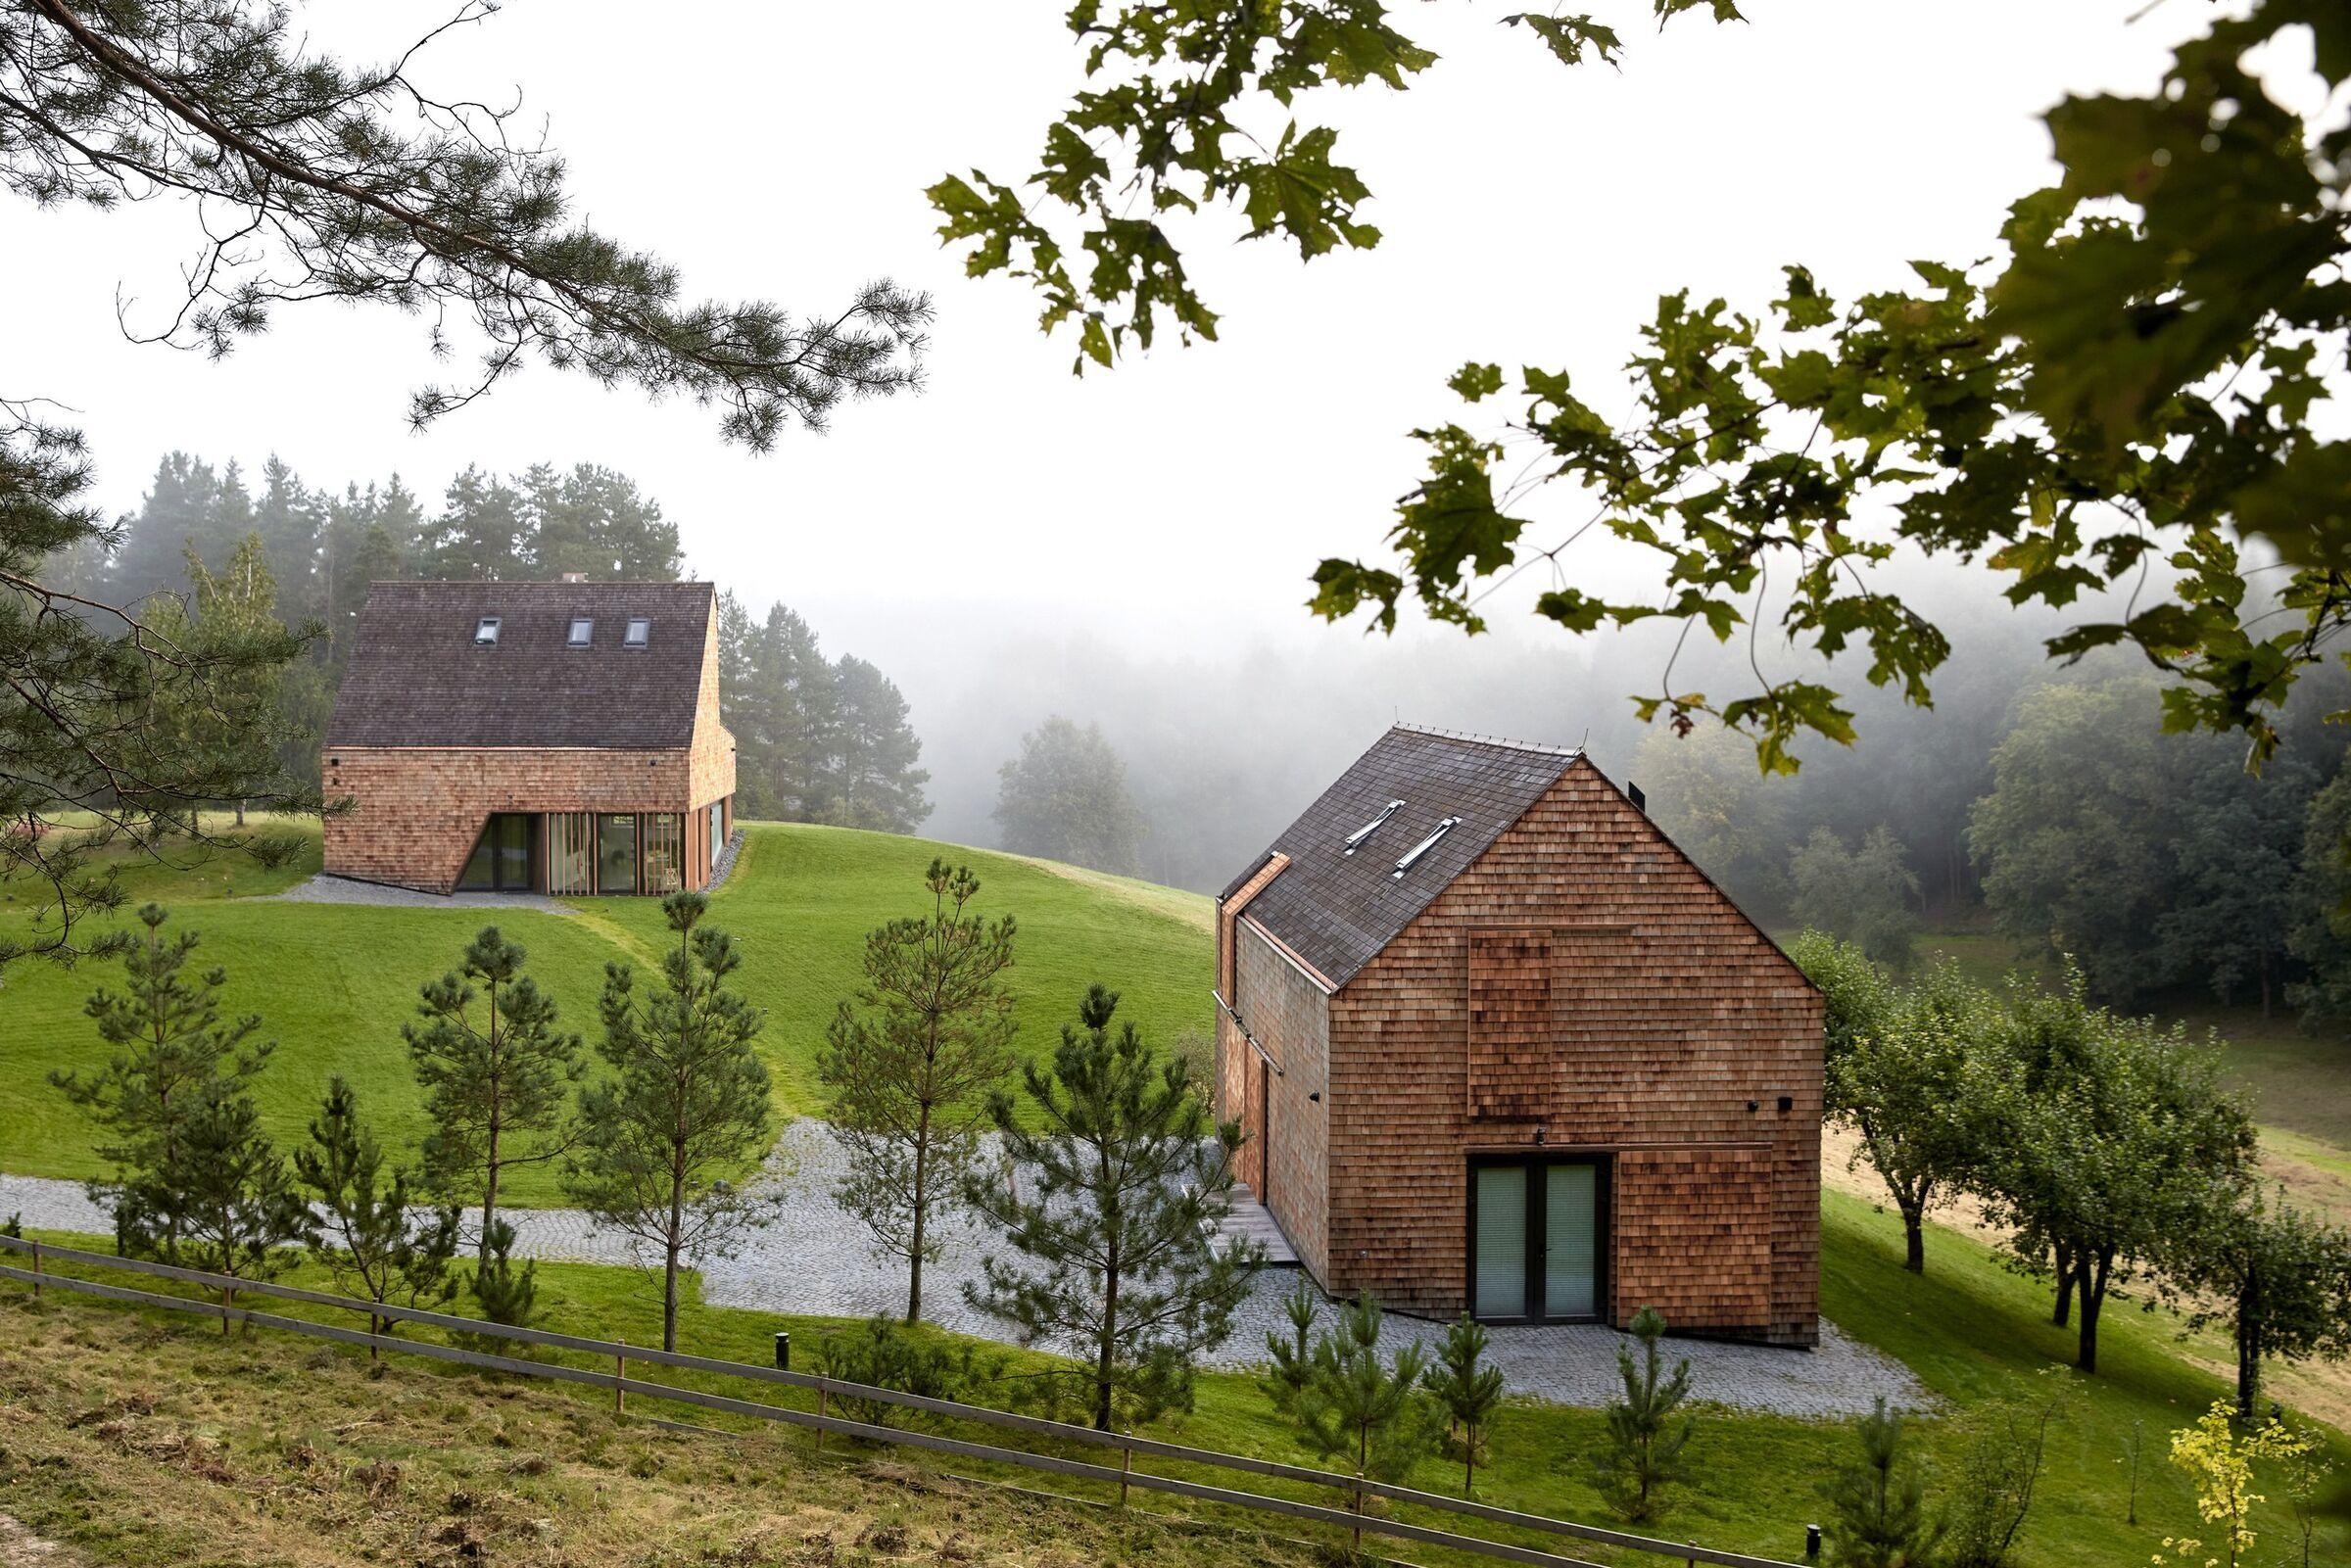 13-arches-cedar-house.jpg